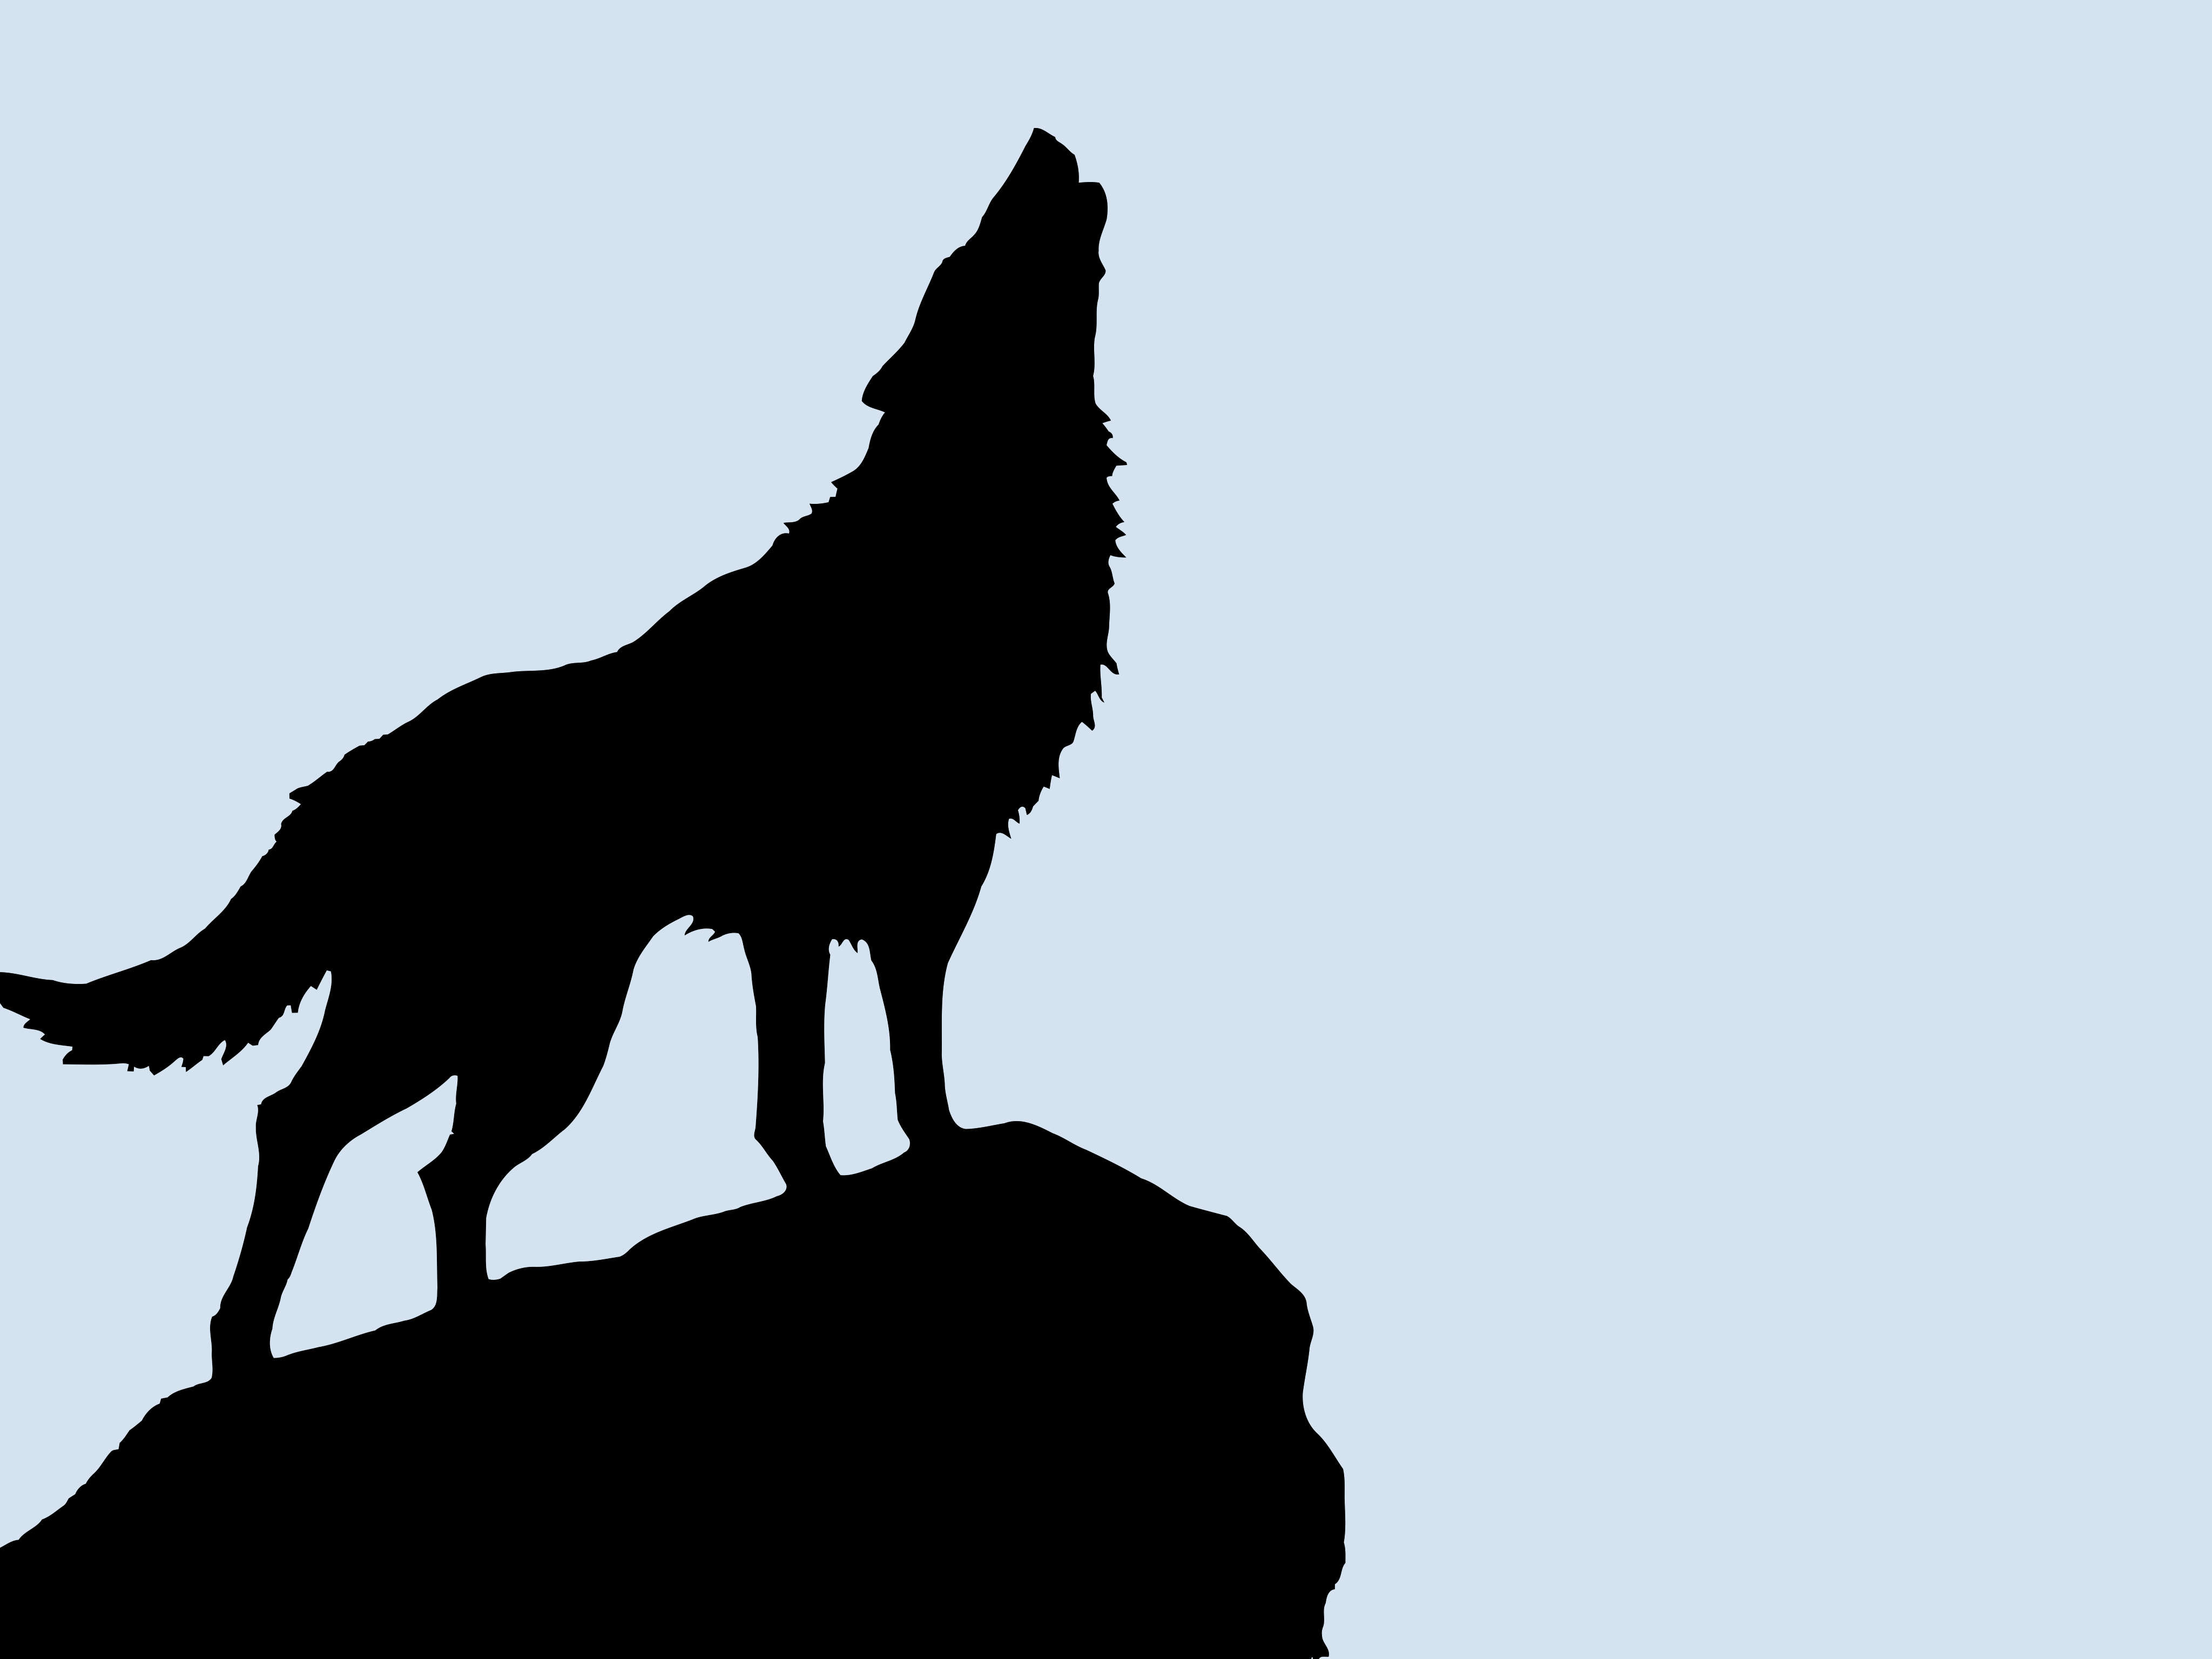 Wolf Vectorized Silhouette Art High Resolution Hd Wallpaper Art Clipart Best Wolf Silhouette Silhouette Art Silhouette Painting